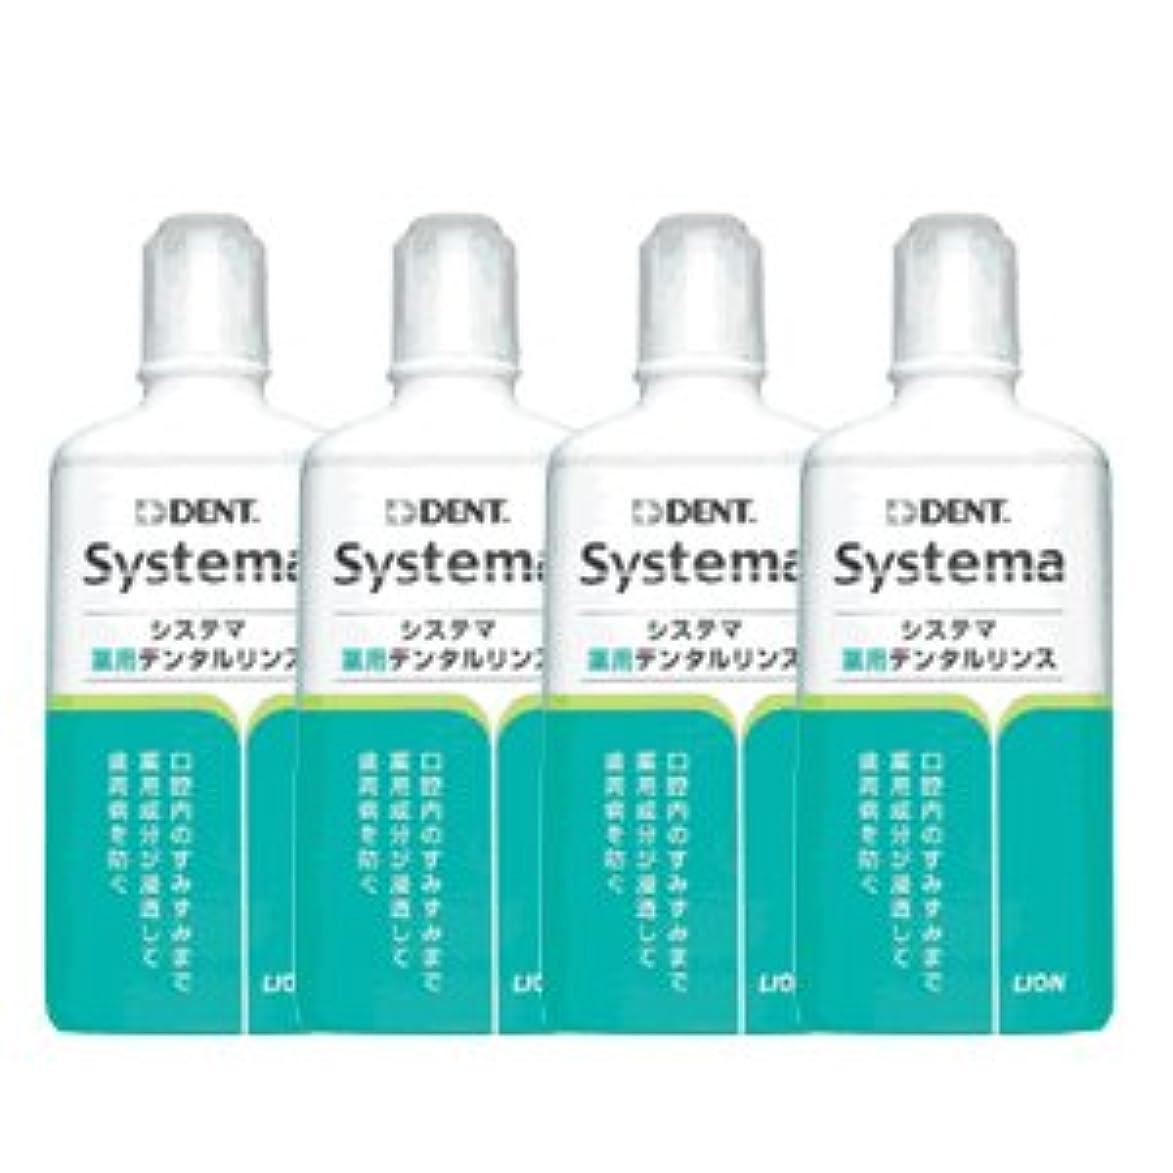 自由買うシリアルライオン システマ 薬用 デンタルリンス 450ml レギュラータイプ 4本セット 医薬部外品